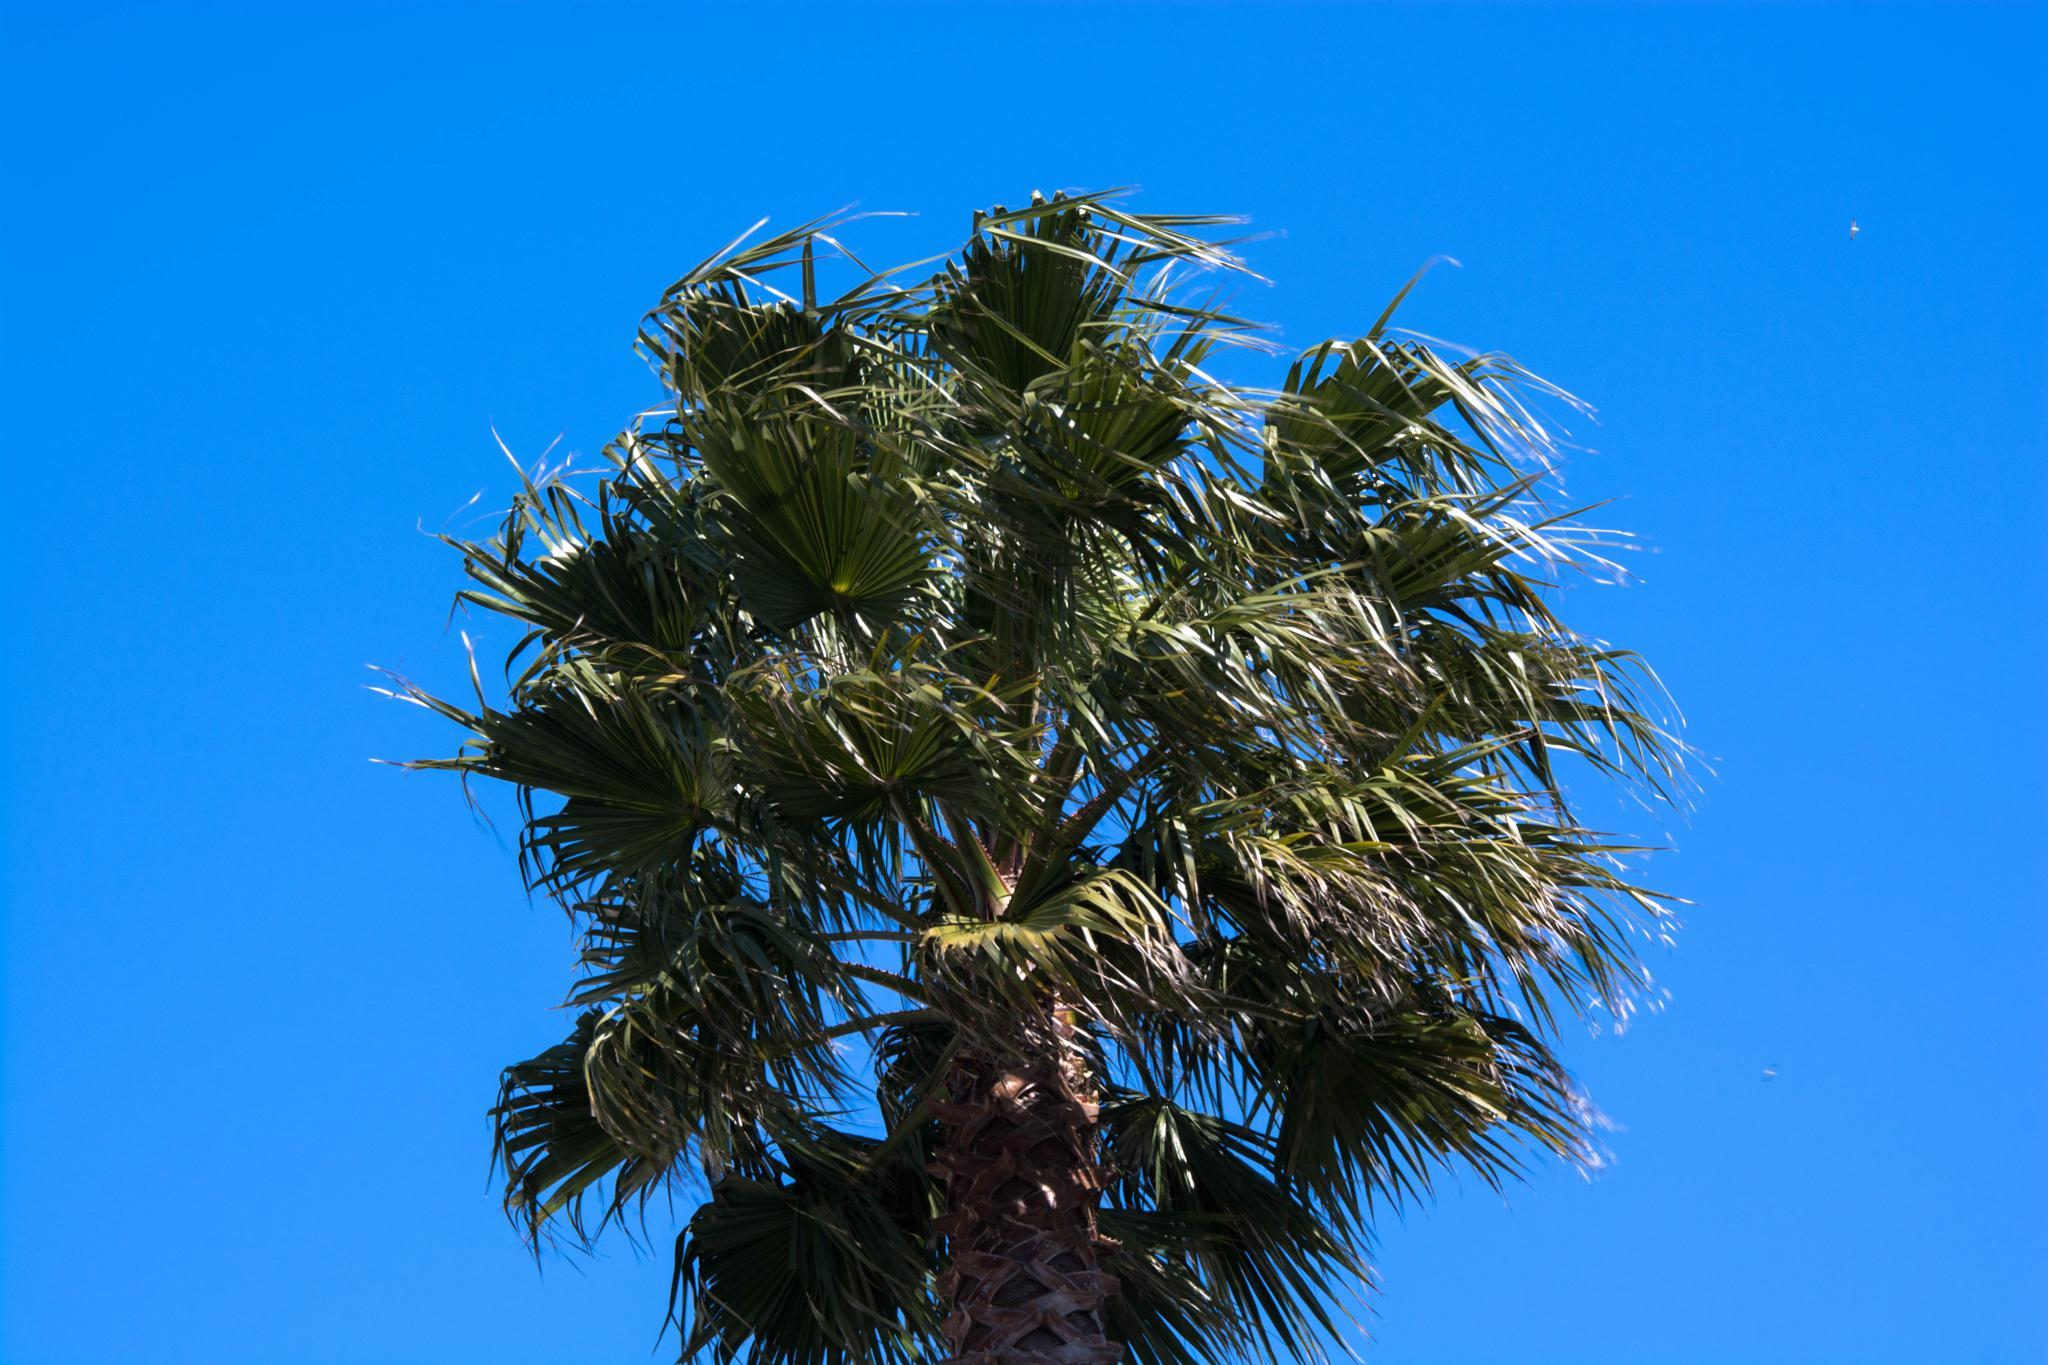 Palm tree canopy by mariofotografia1